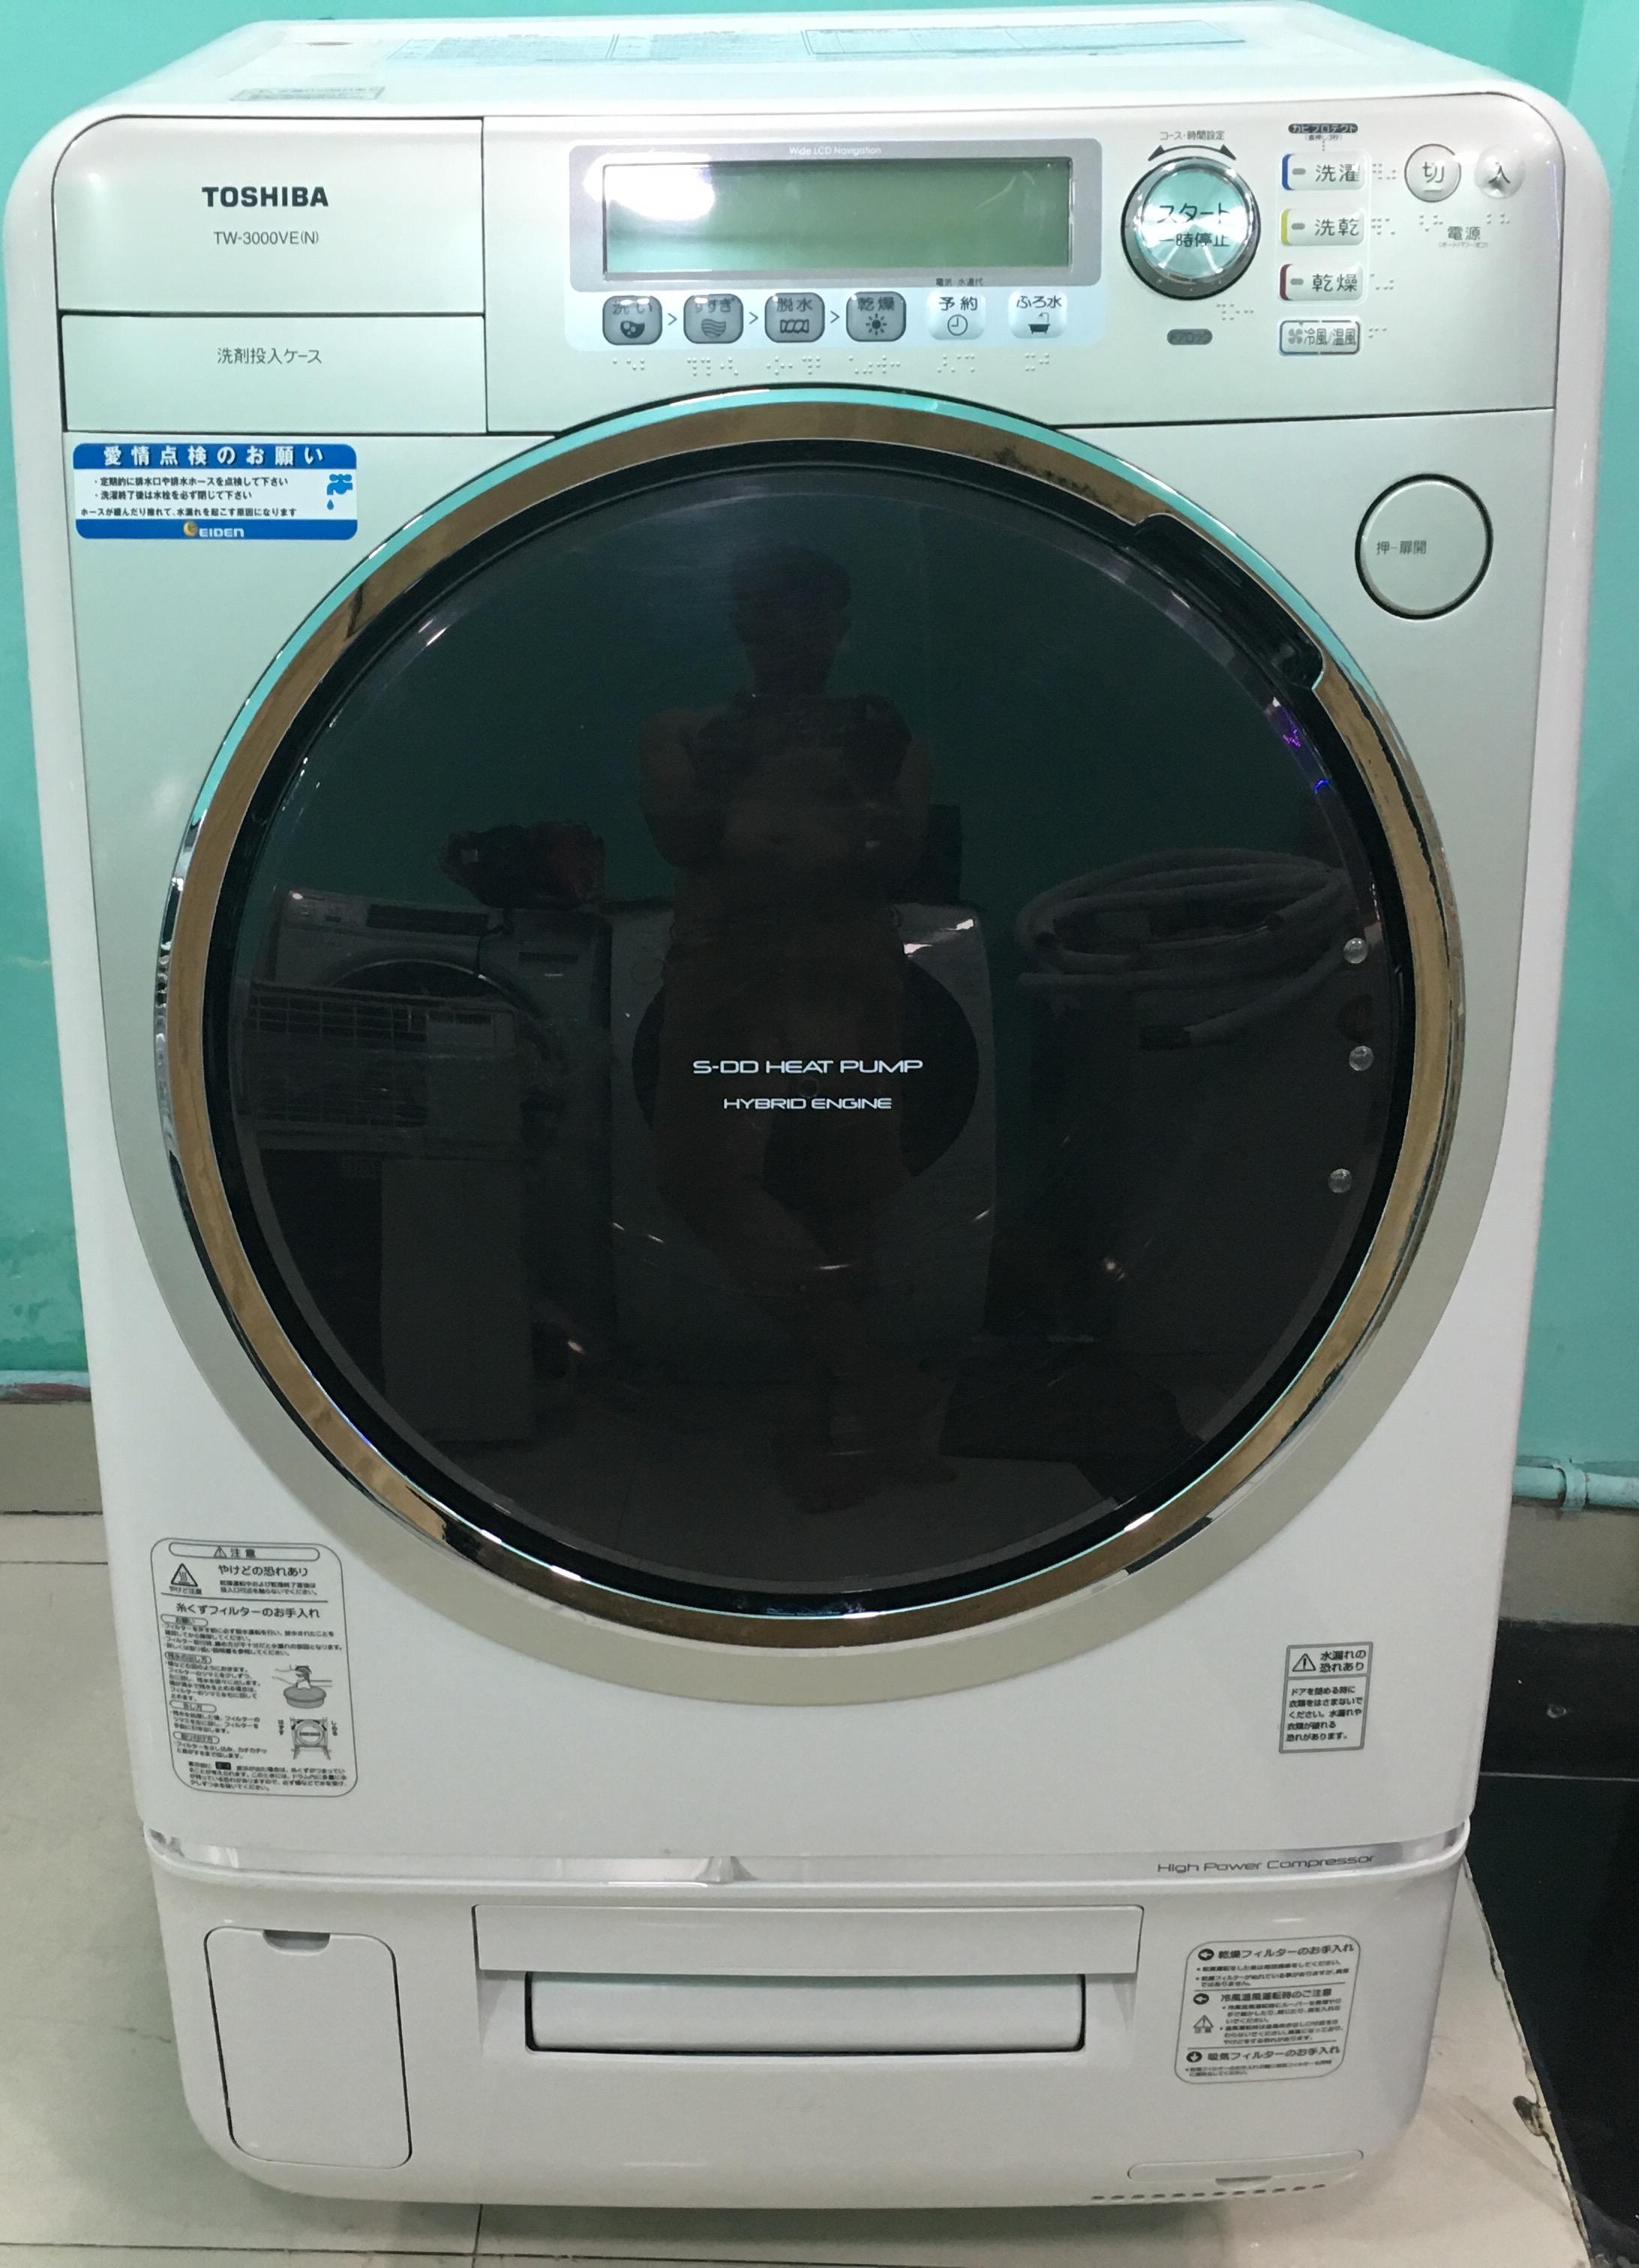 Máy giặt Toshiba TW-2500VC(S) giặt 9kg, sấy 6 cân hai chiều nóng và lạnh  bằng Block, dẫn động trực tiếp